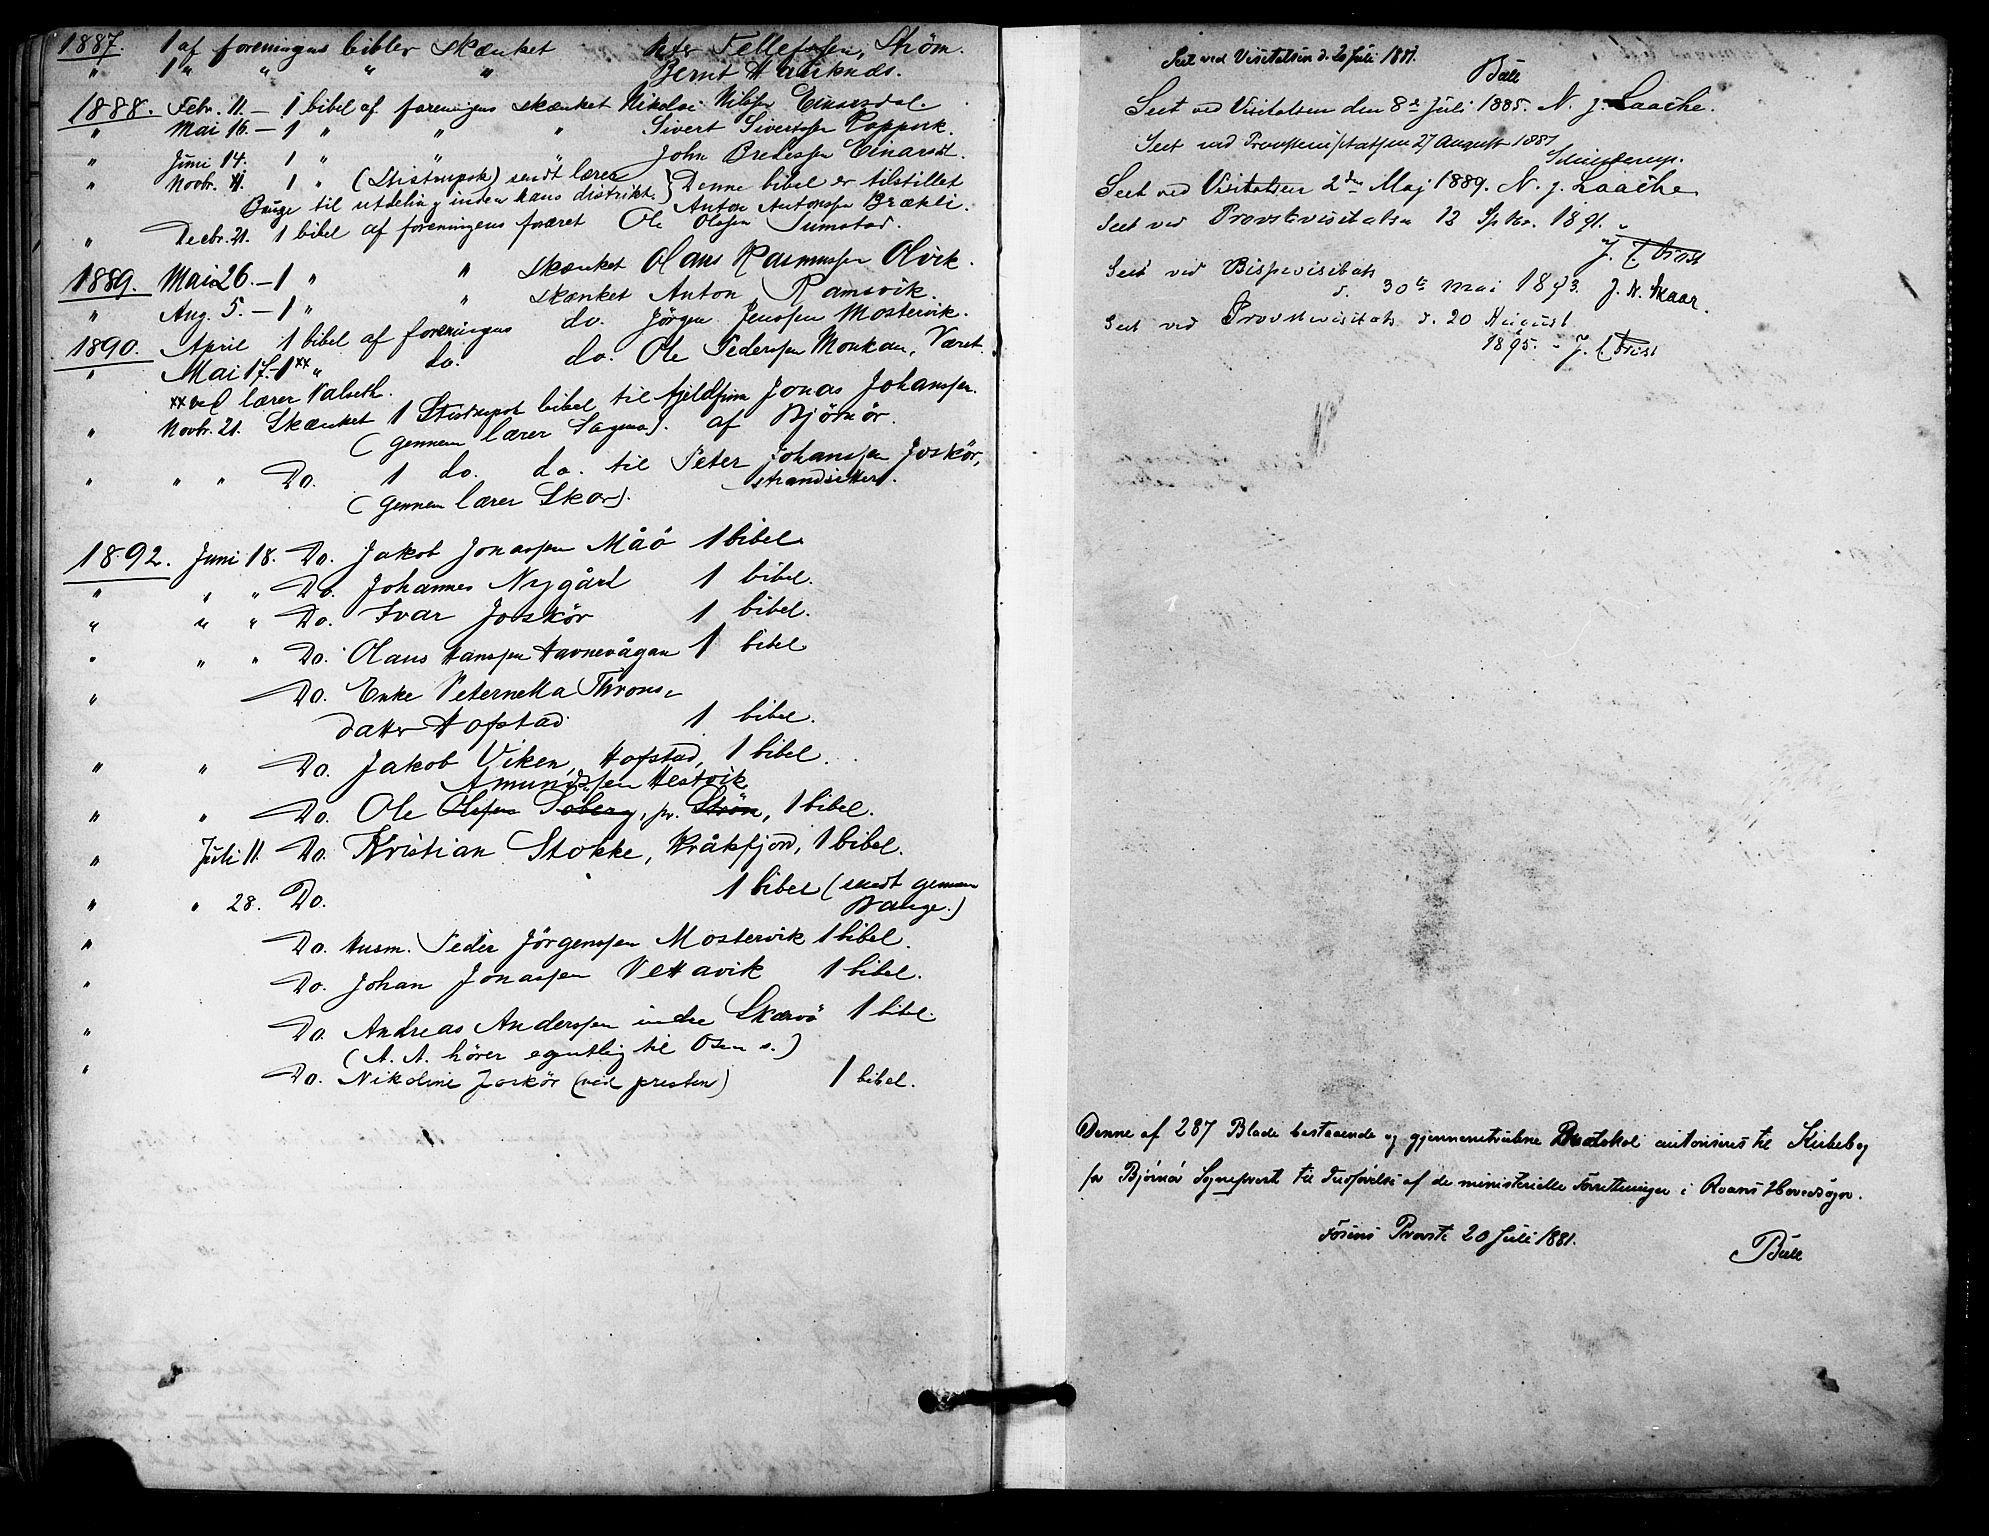 SAT, Ministerialprotokoller, klokkerbøker og fødselsregistre - Sør-Trøndelag, 657/L0707: Ministerialbok nr. 657A08, 1879-1893